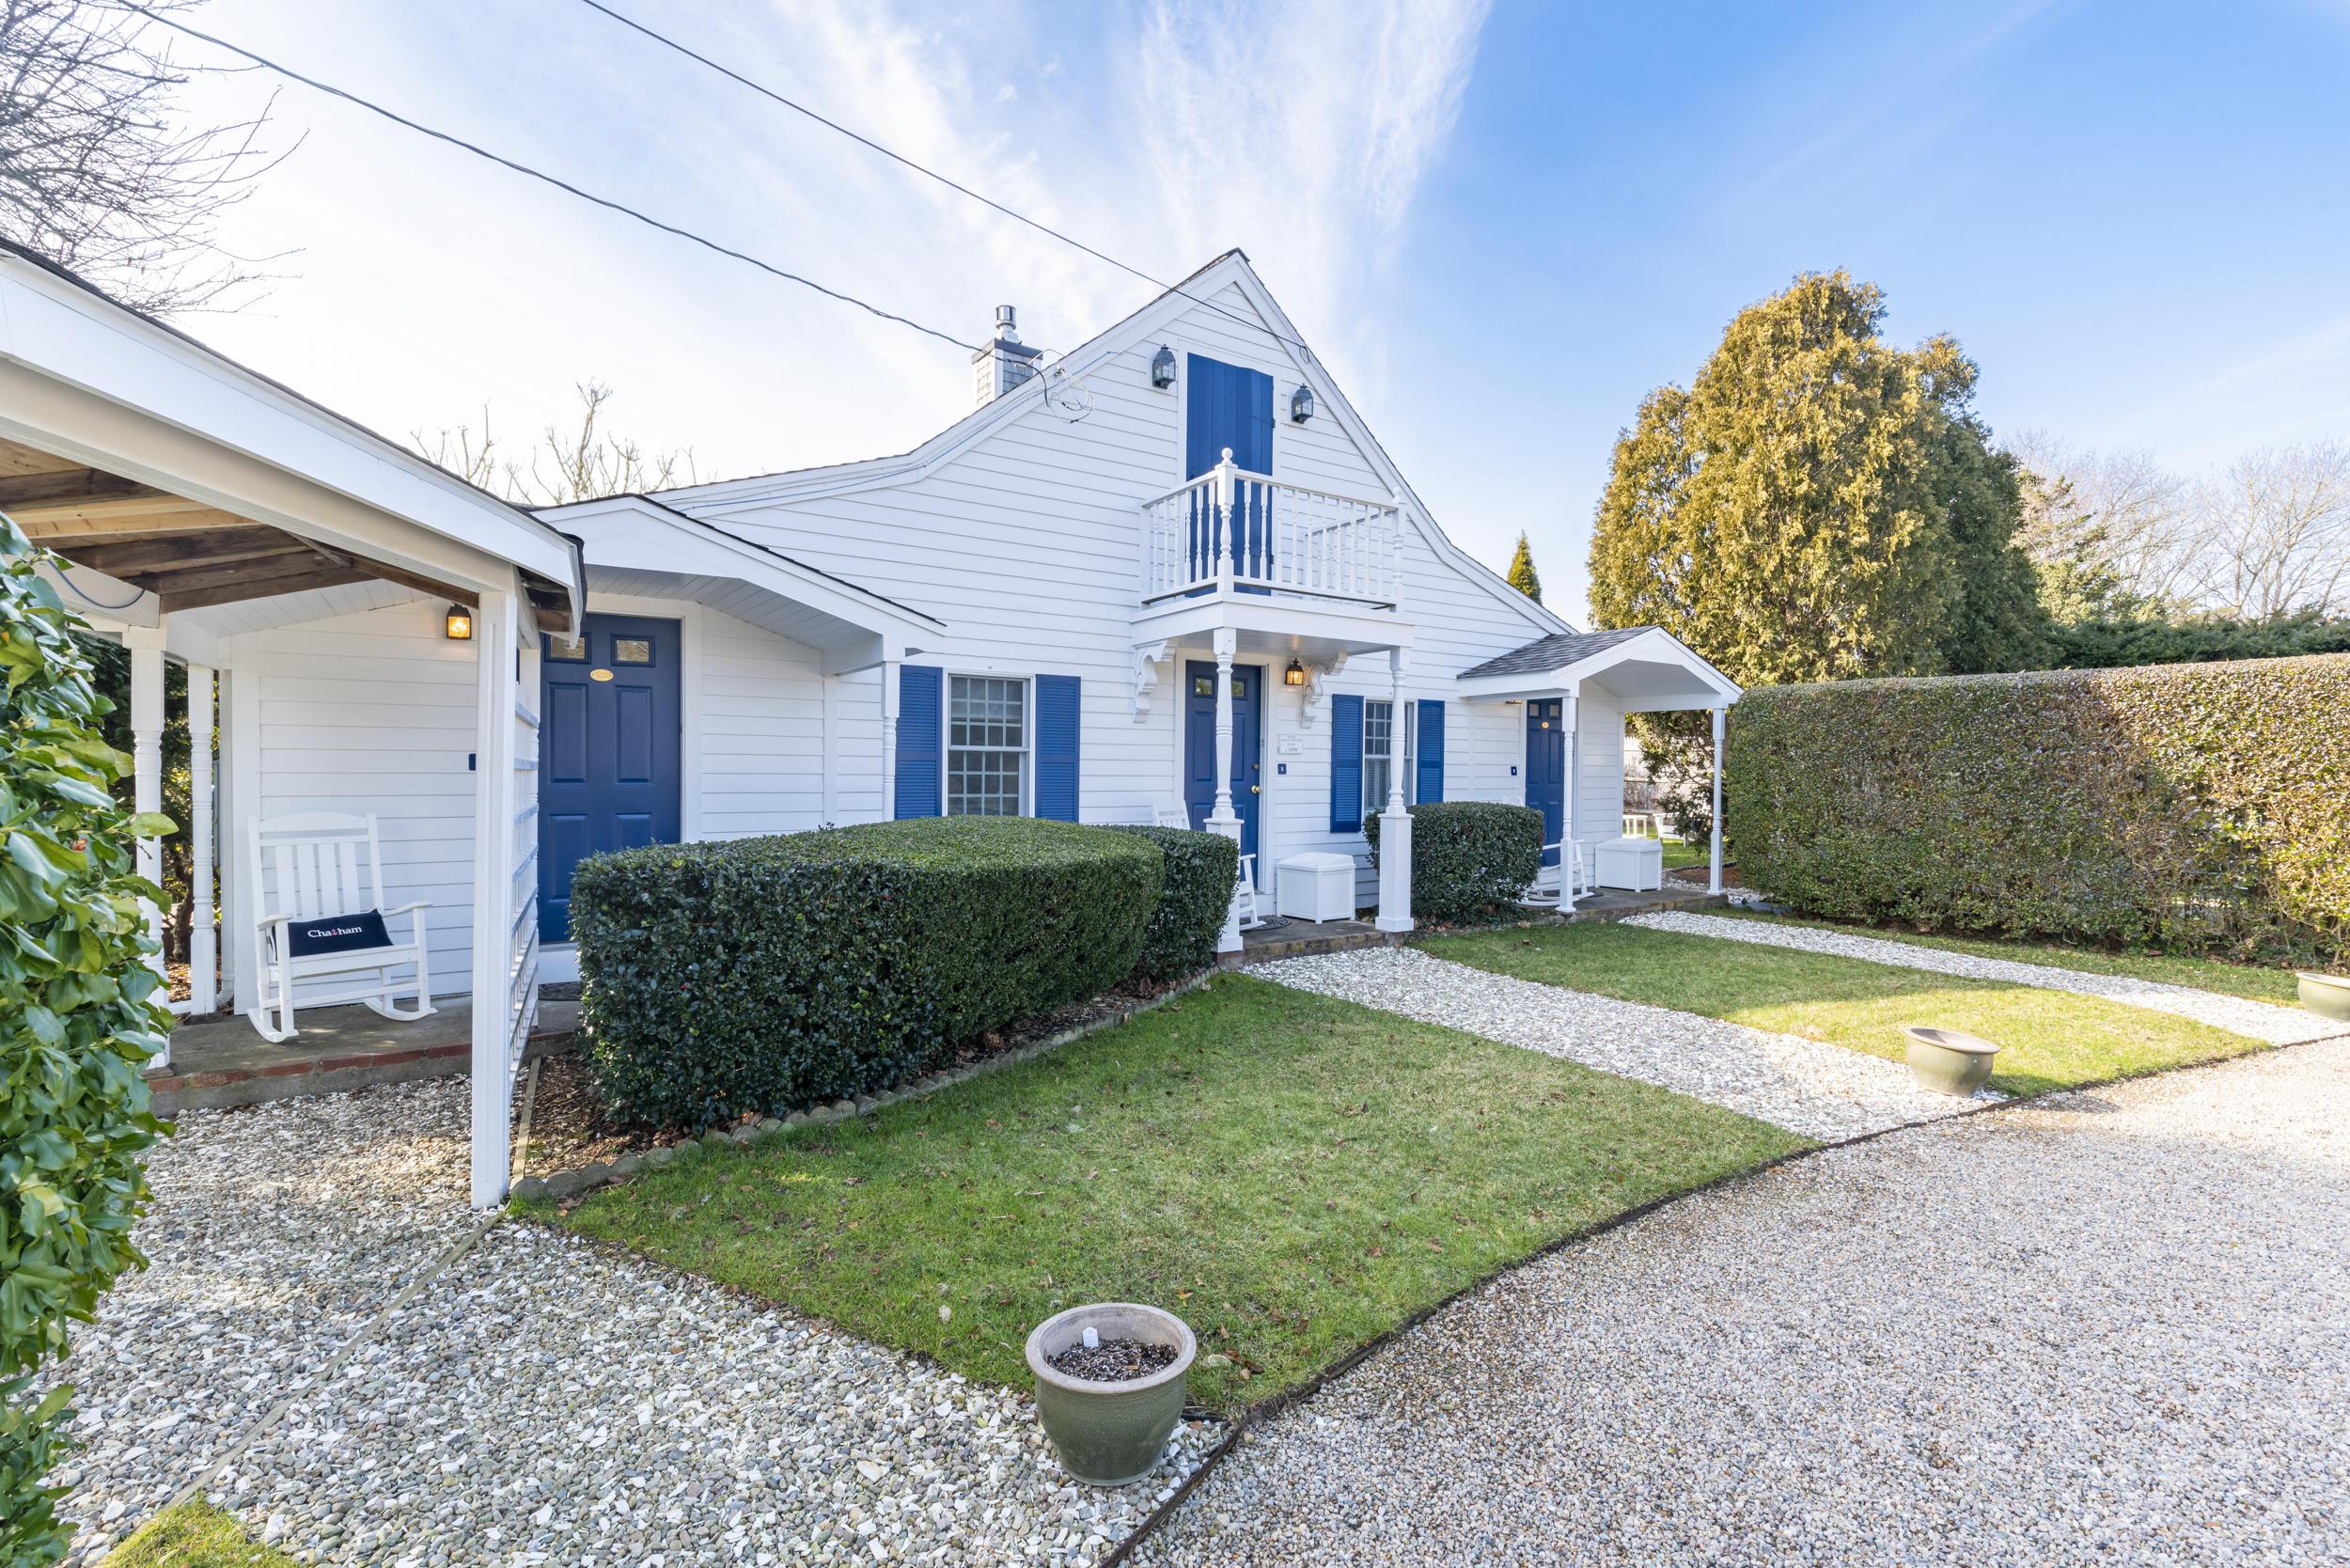 407 Old Harbor Road, Chatham, MA  02633 - slide 45